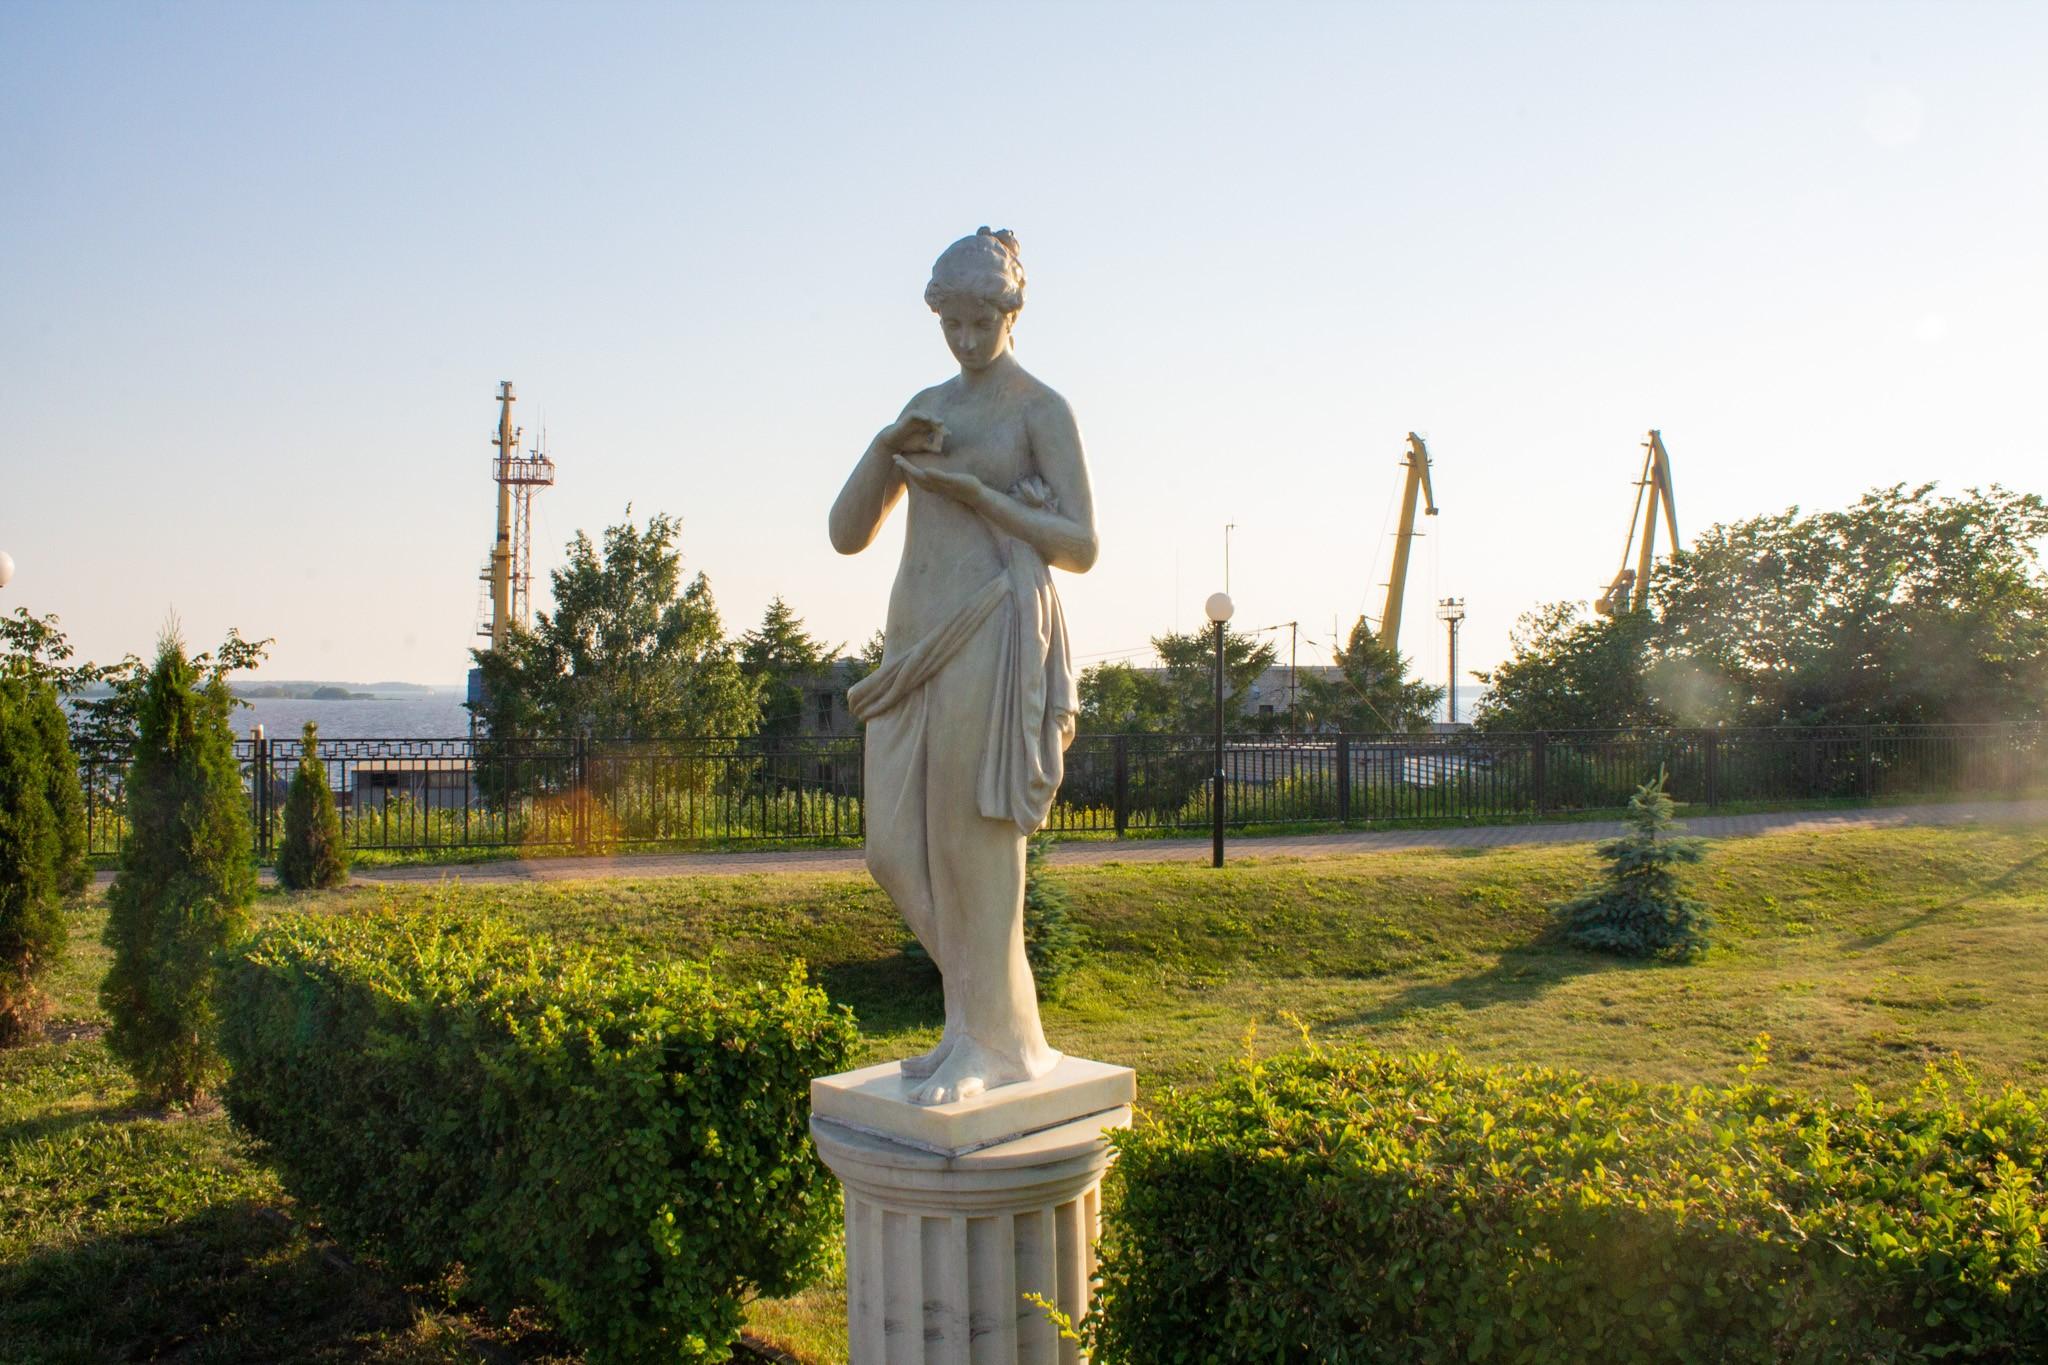 Скульптура «Венера с бабочкой» на аллее скульптур музея «Эрмитаж Выборг»